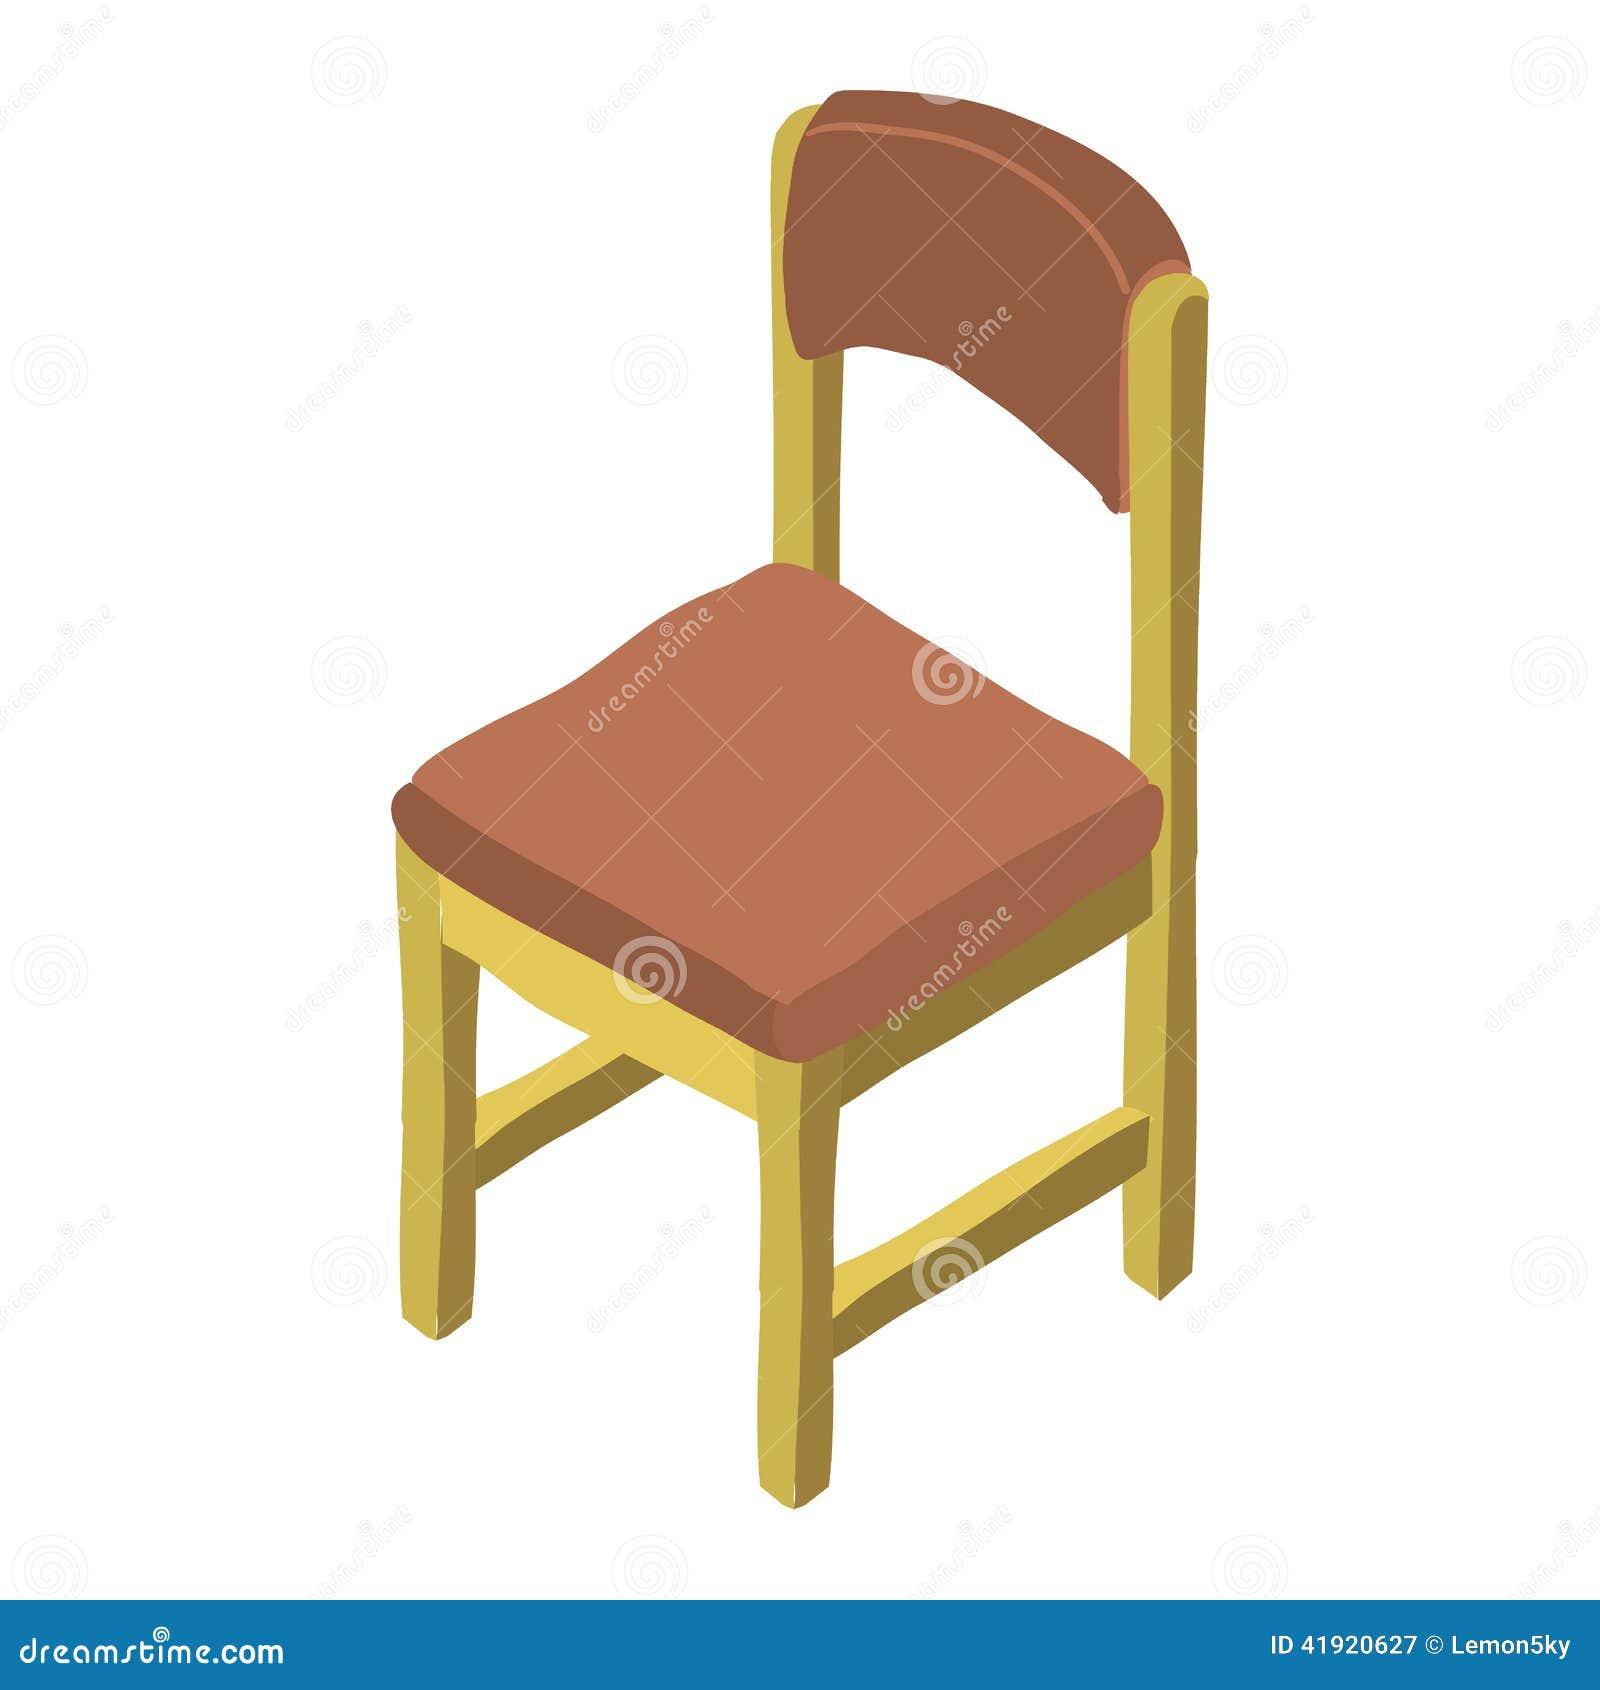 Icono de madera isométrico de la silla de la historieta del vector